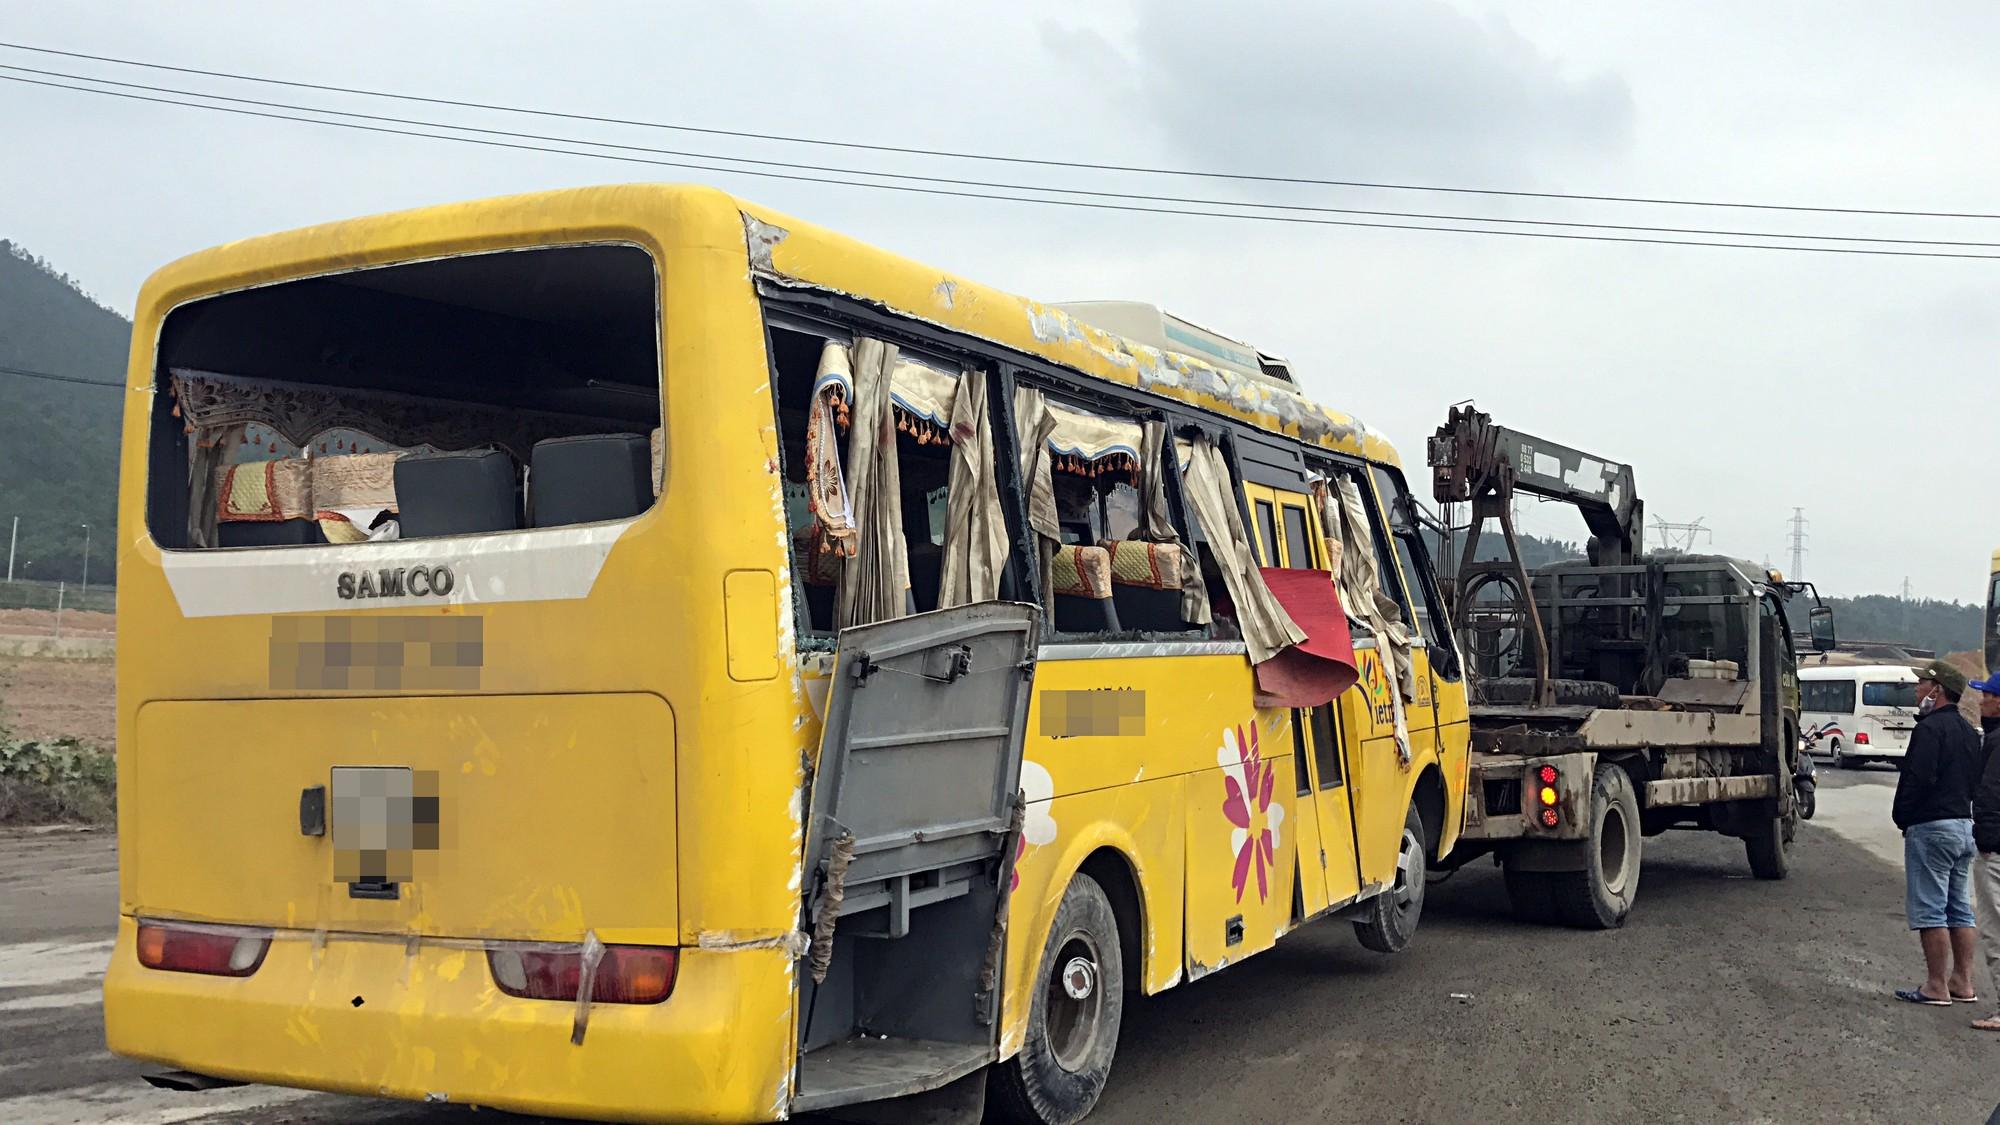 Chùm ảnh: Hiện trường vụ lật xe kinh hoàng ngày giáp Tết khiến 2 người chết, 11 người bị thương ở Đà Nẵng - Ảnh 5.